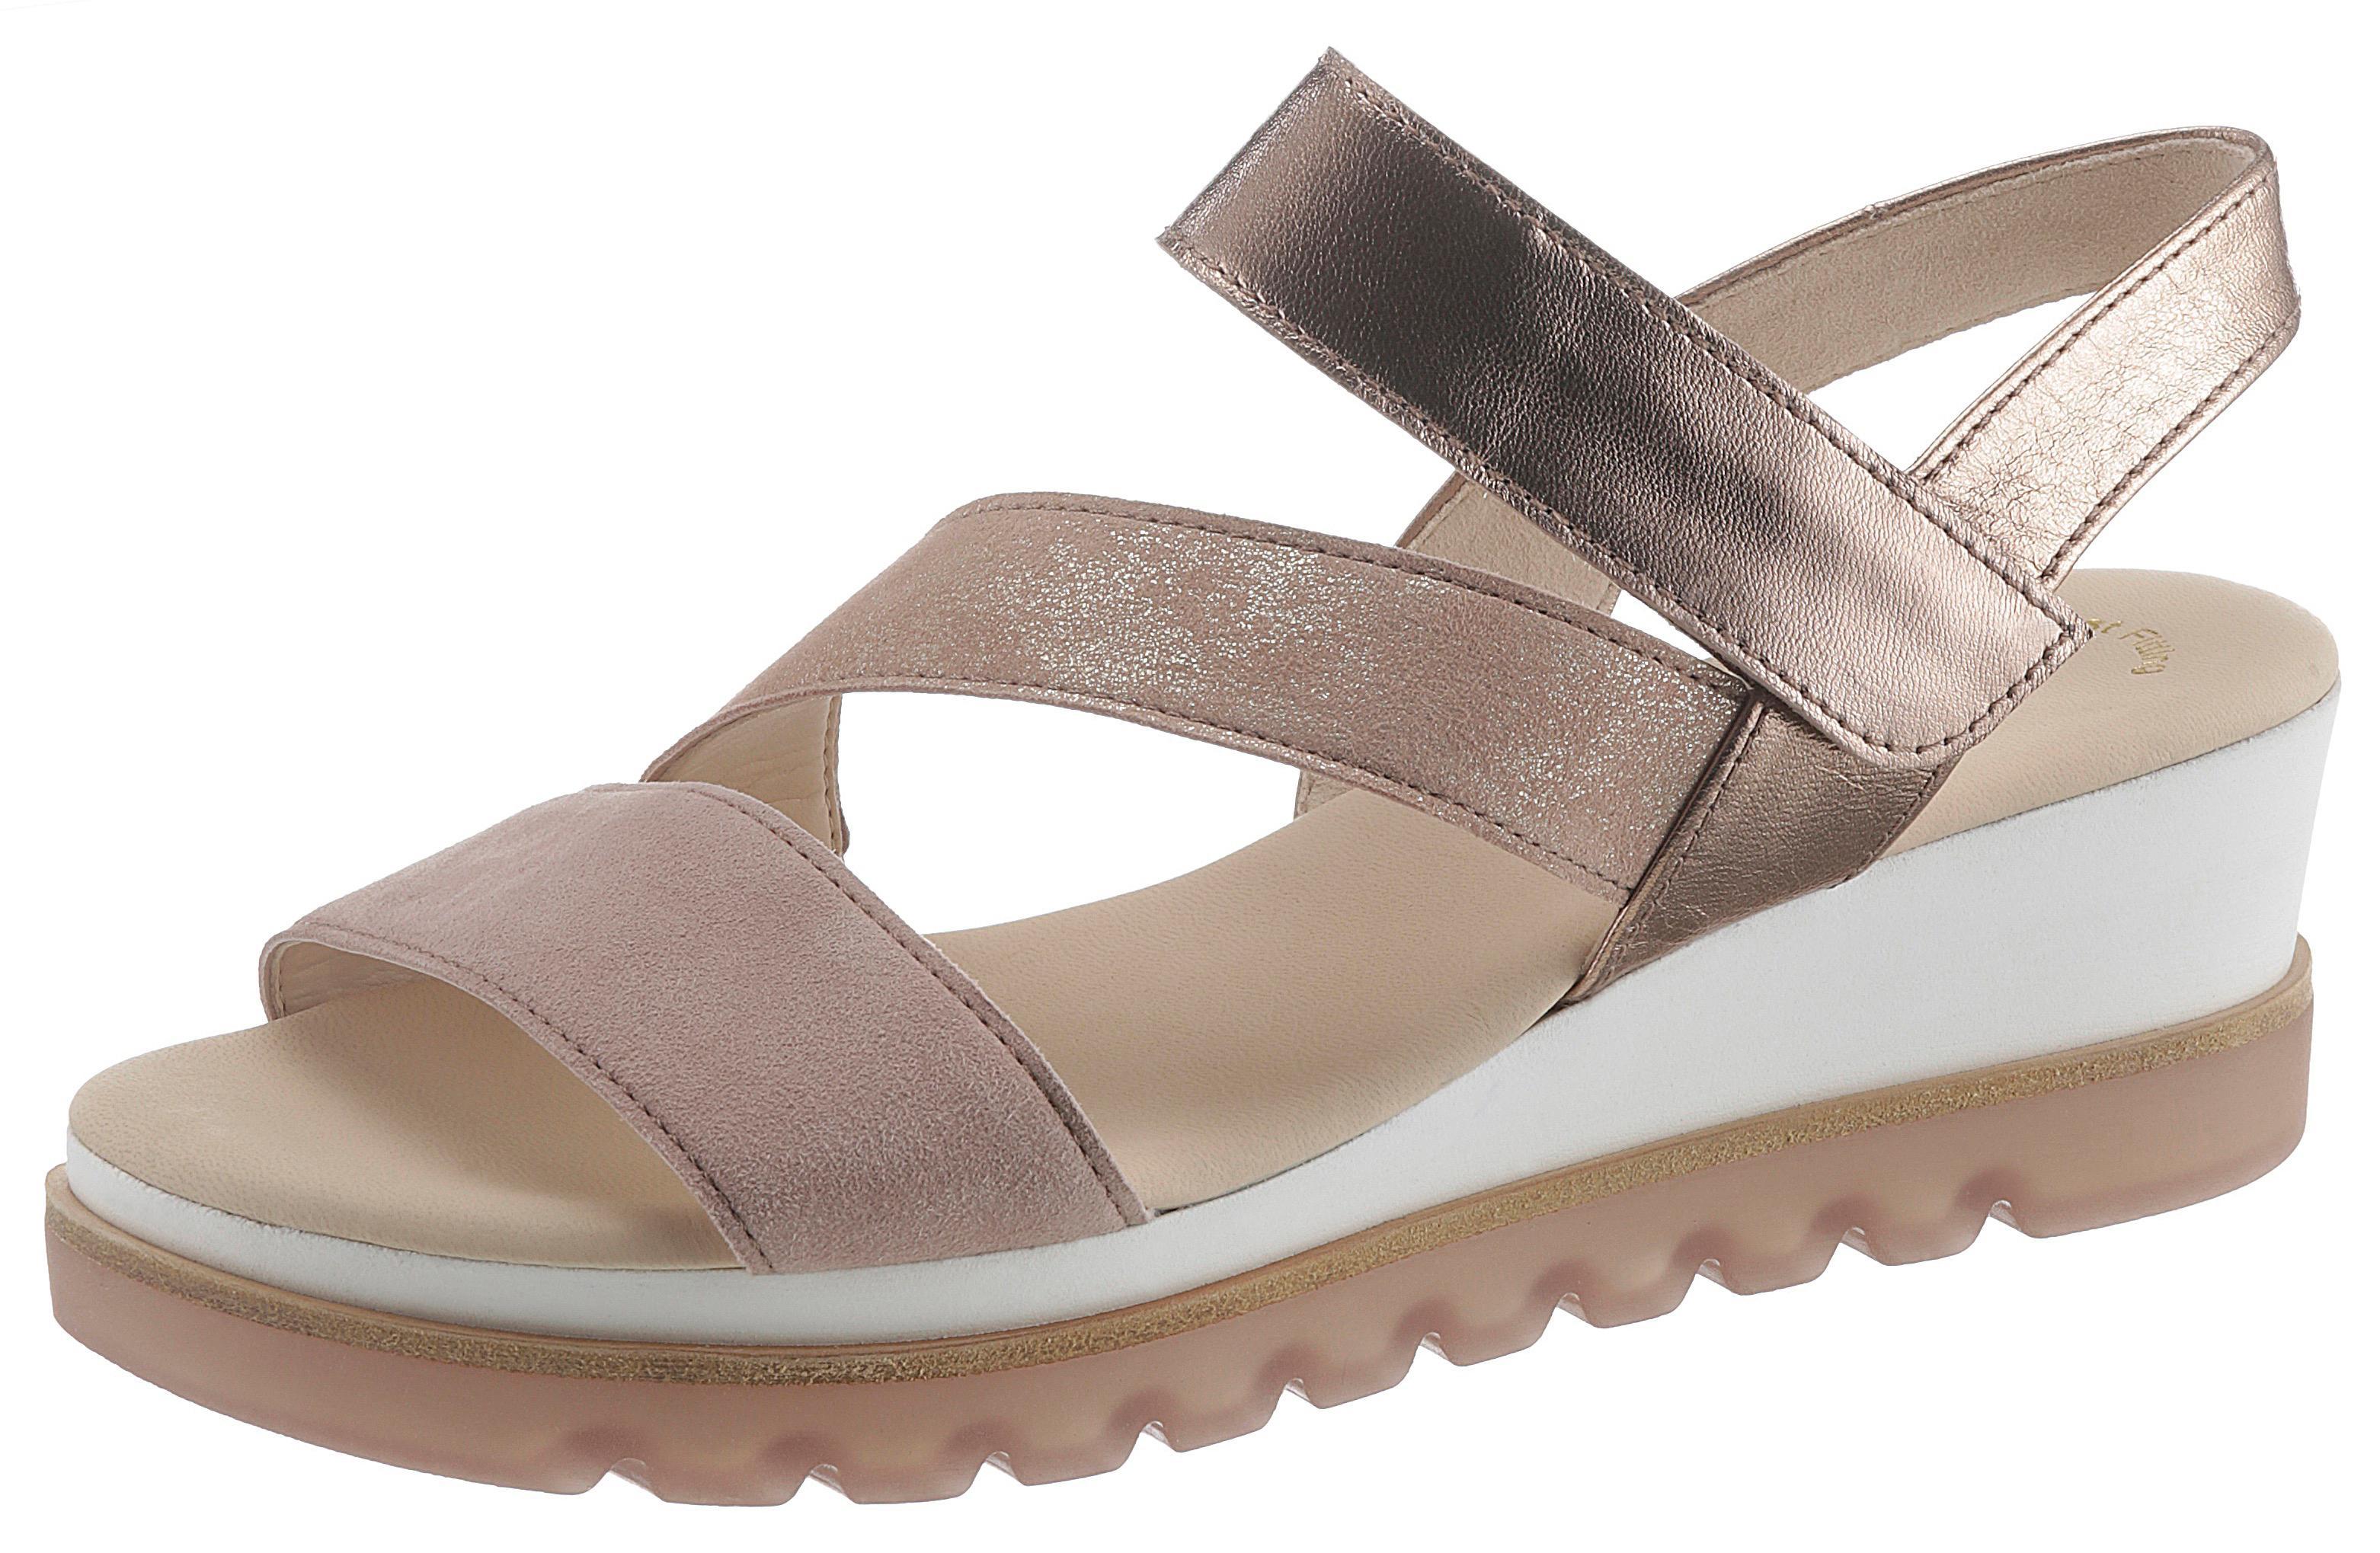 erstaunlicher Preis Sonderangebot Bestpreis Details zu Riemchensandale Damen Elegante Sandaletten Schuhe Gabor Sandalen  Gepolsterte